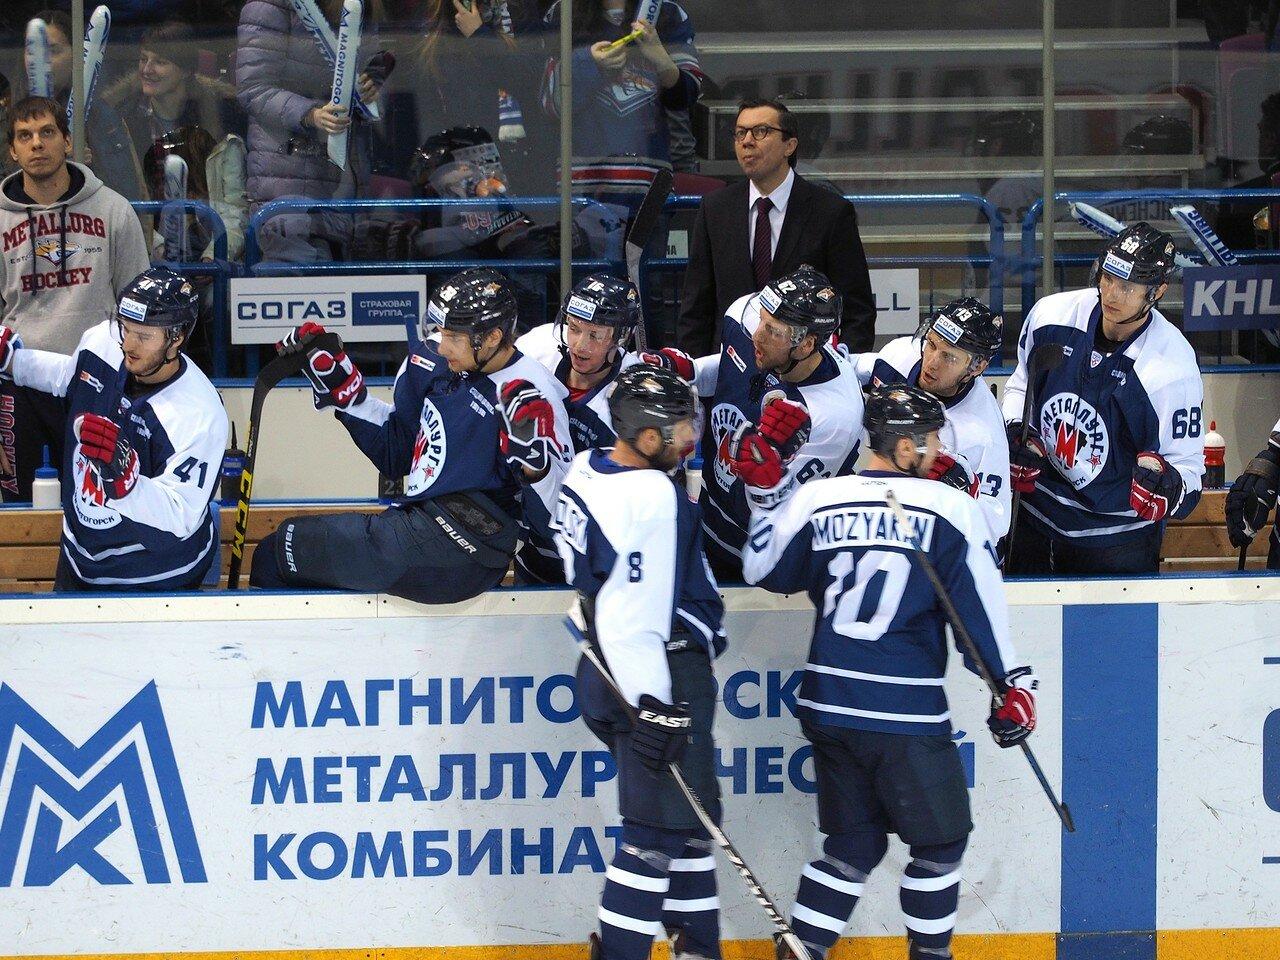 100Металлург - Динамо Москва 28.12.2015